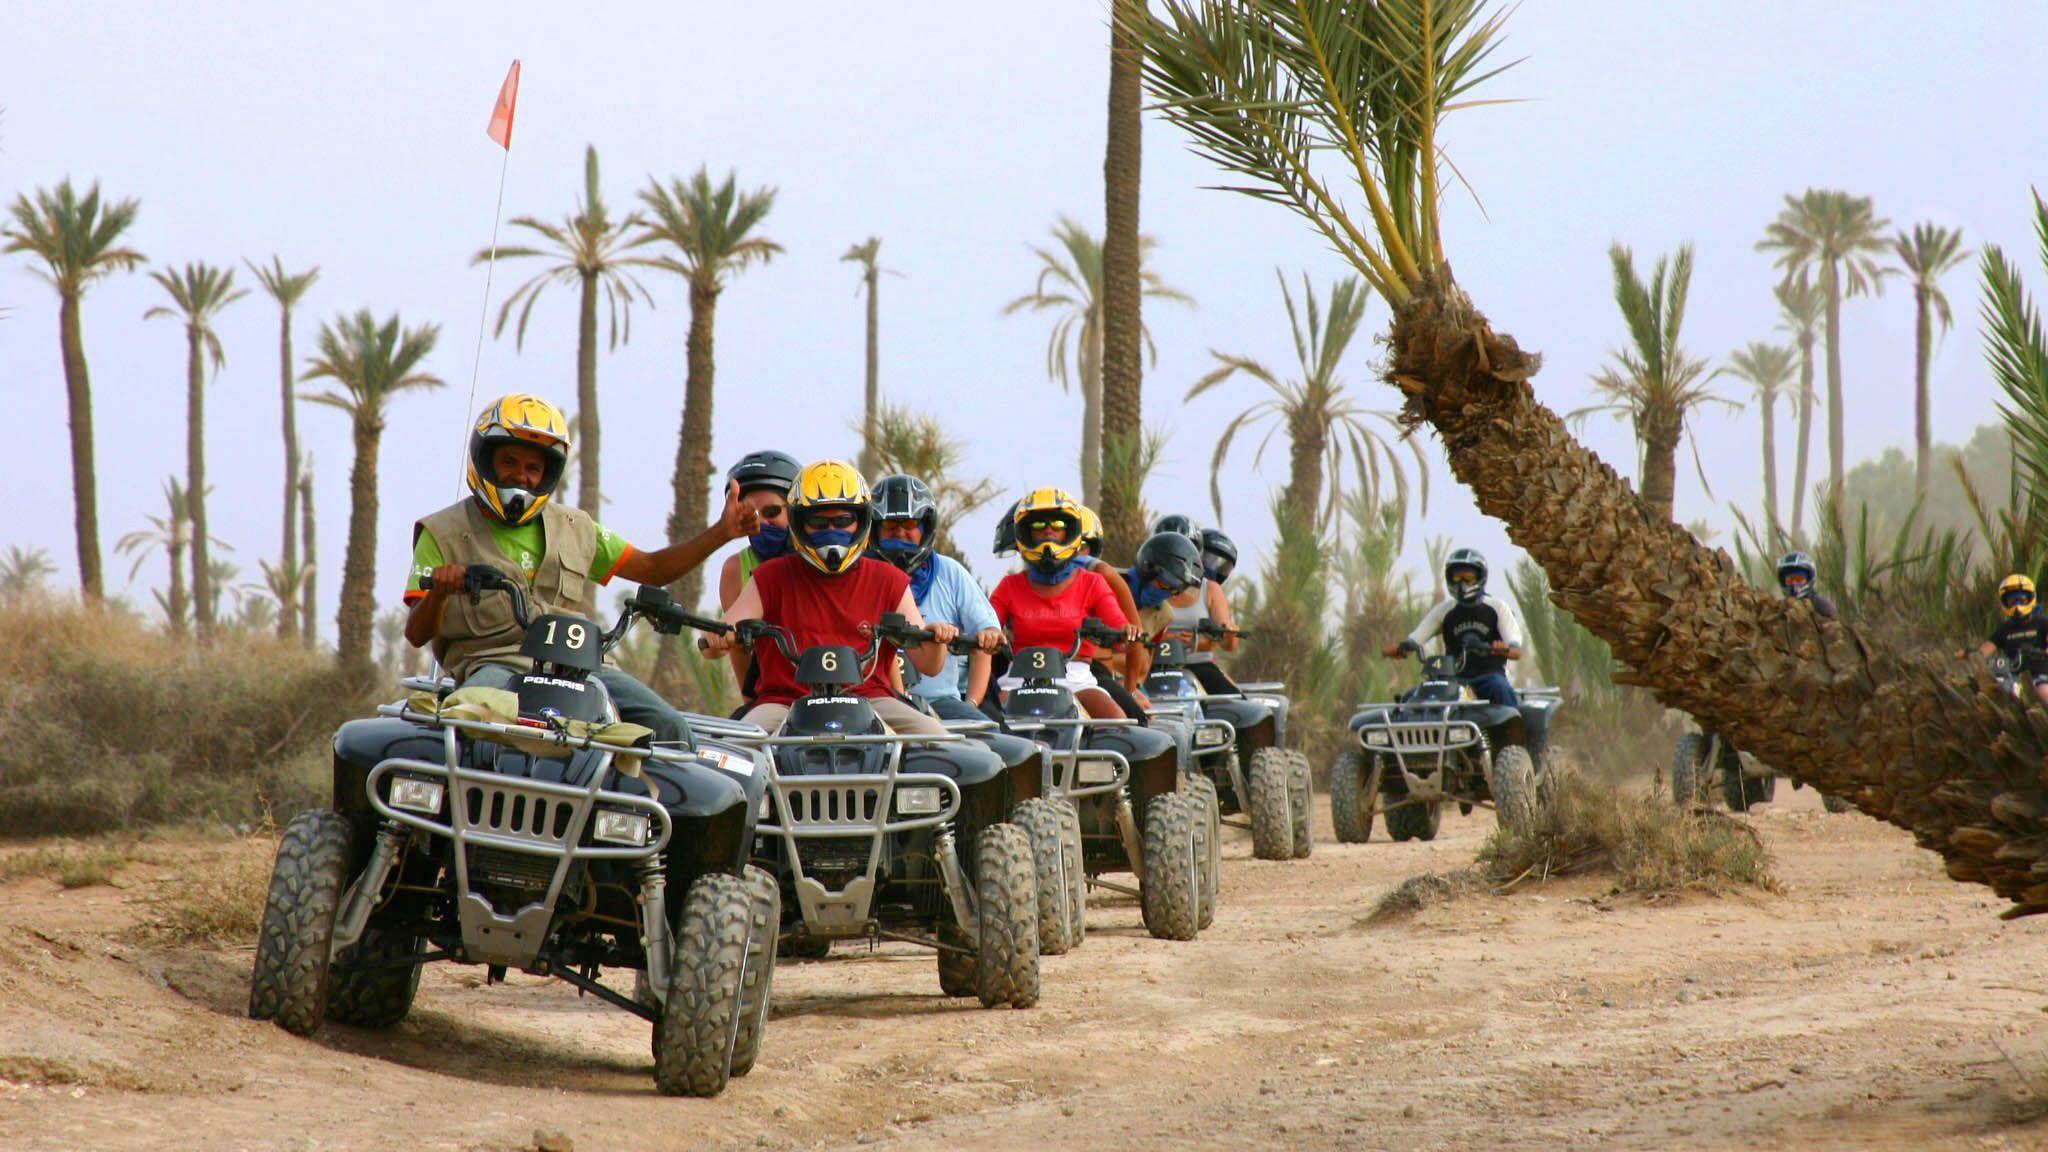 Quad Biking Safari Half-Day Tour